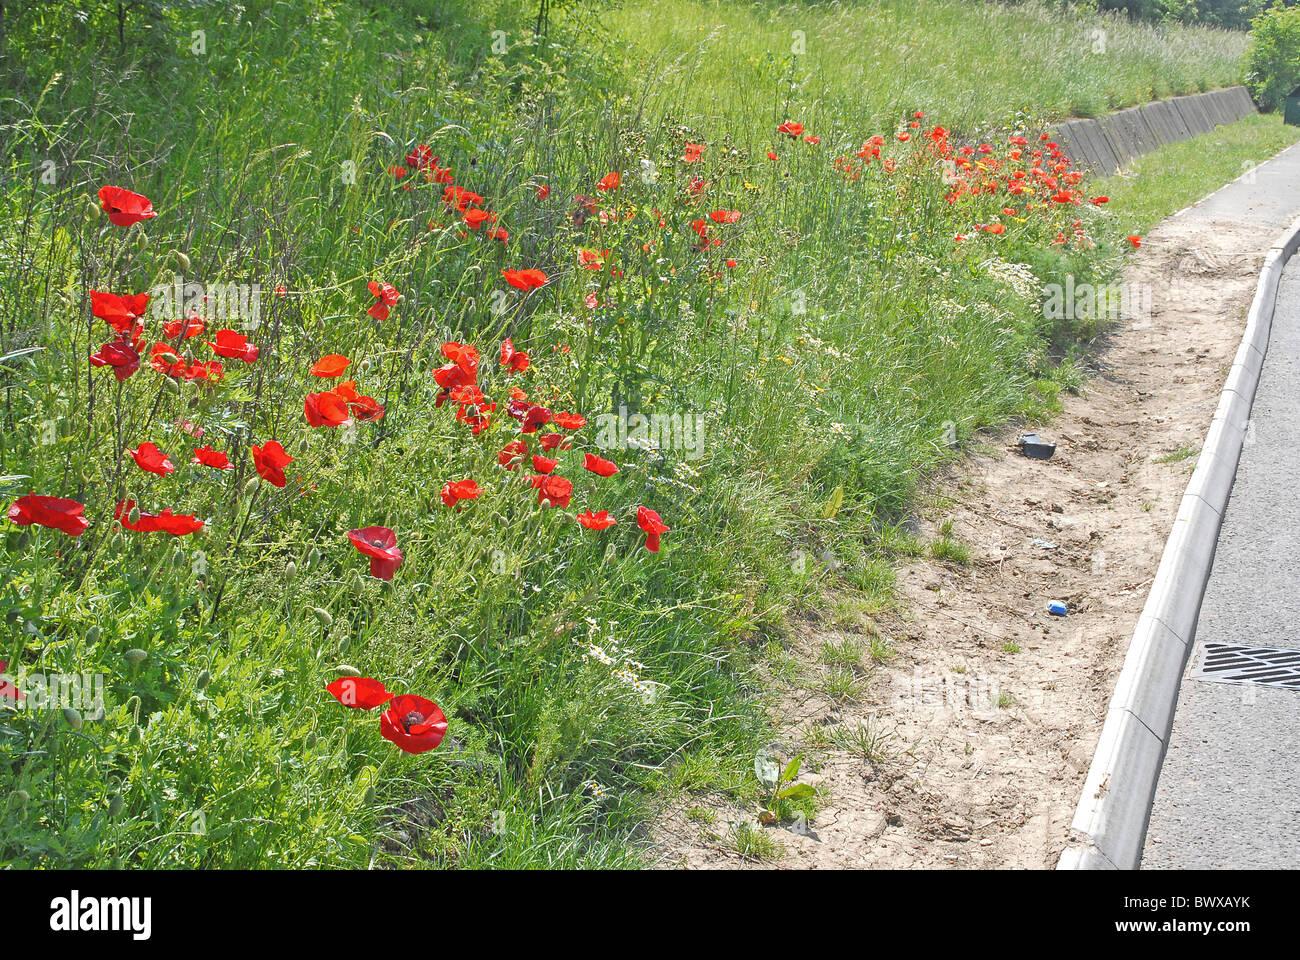 Flower Wild Poppy Denmark Common Stock Photos Flower Wild Poppy